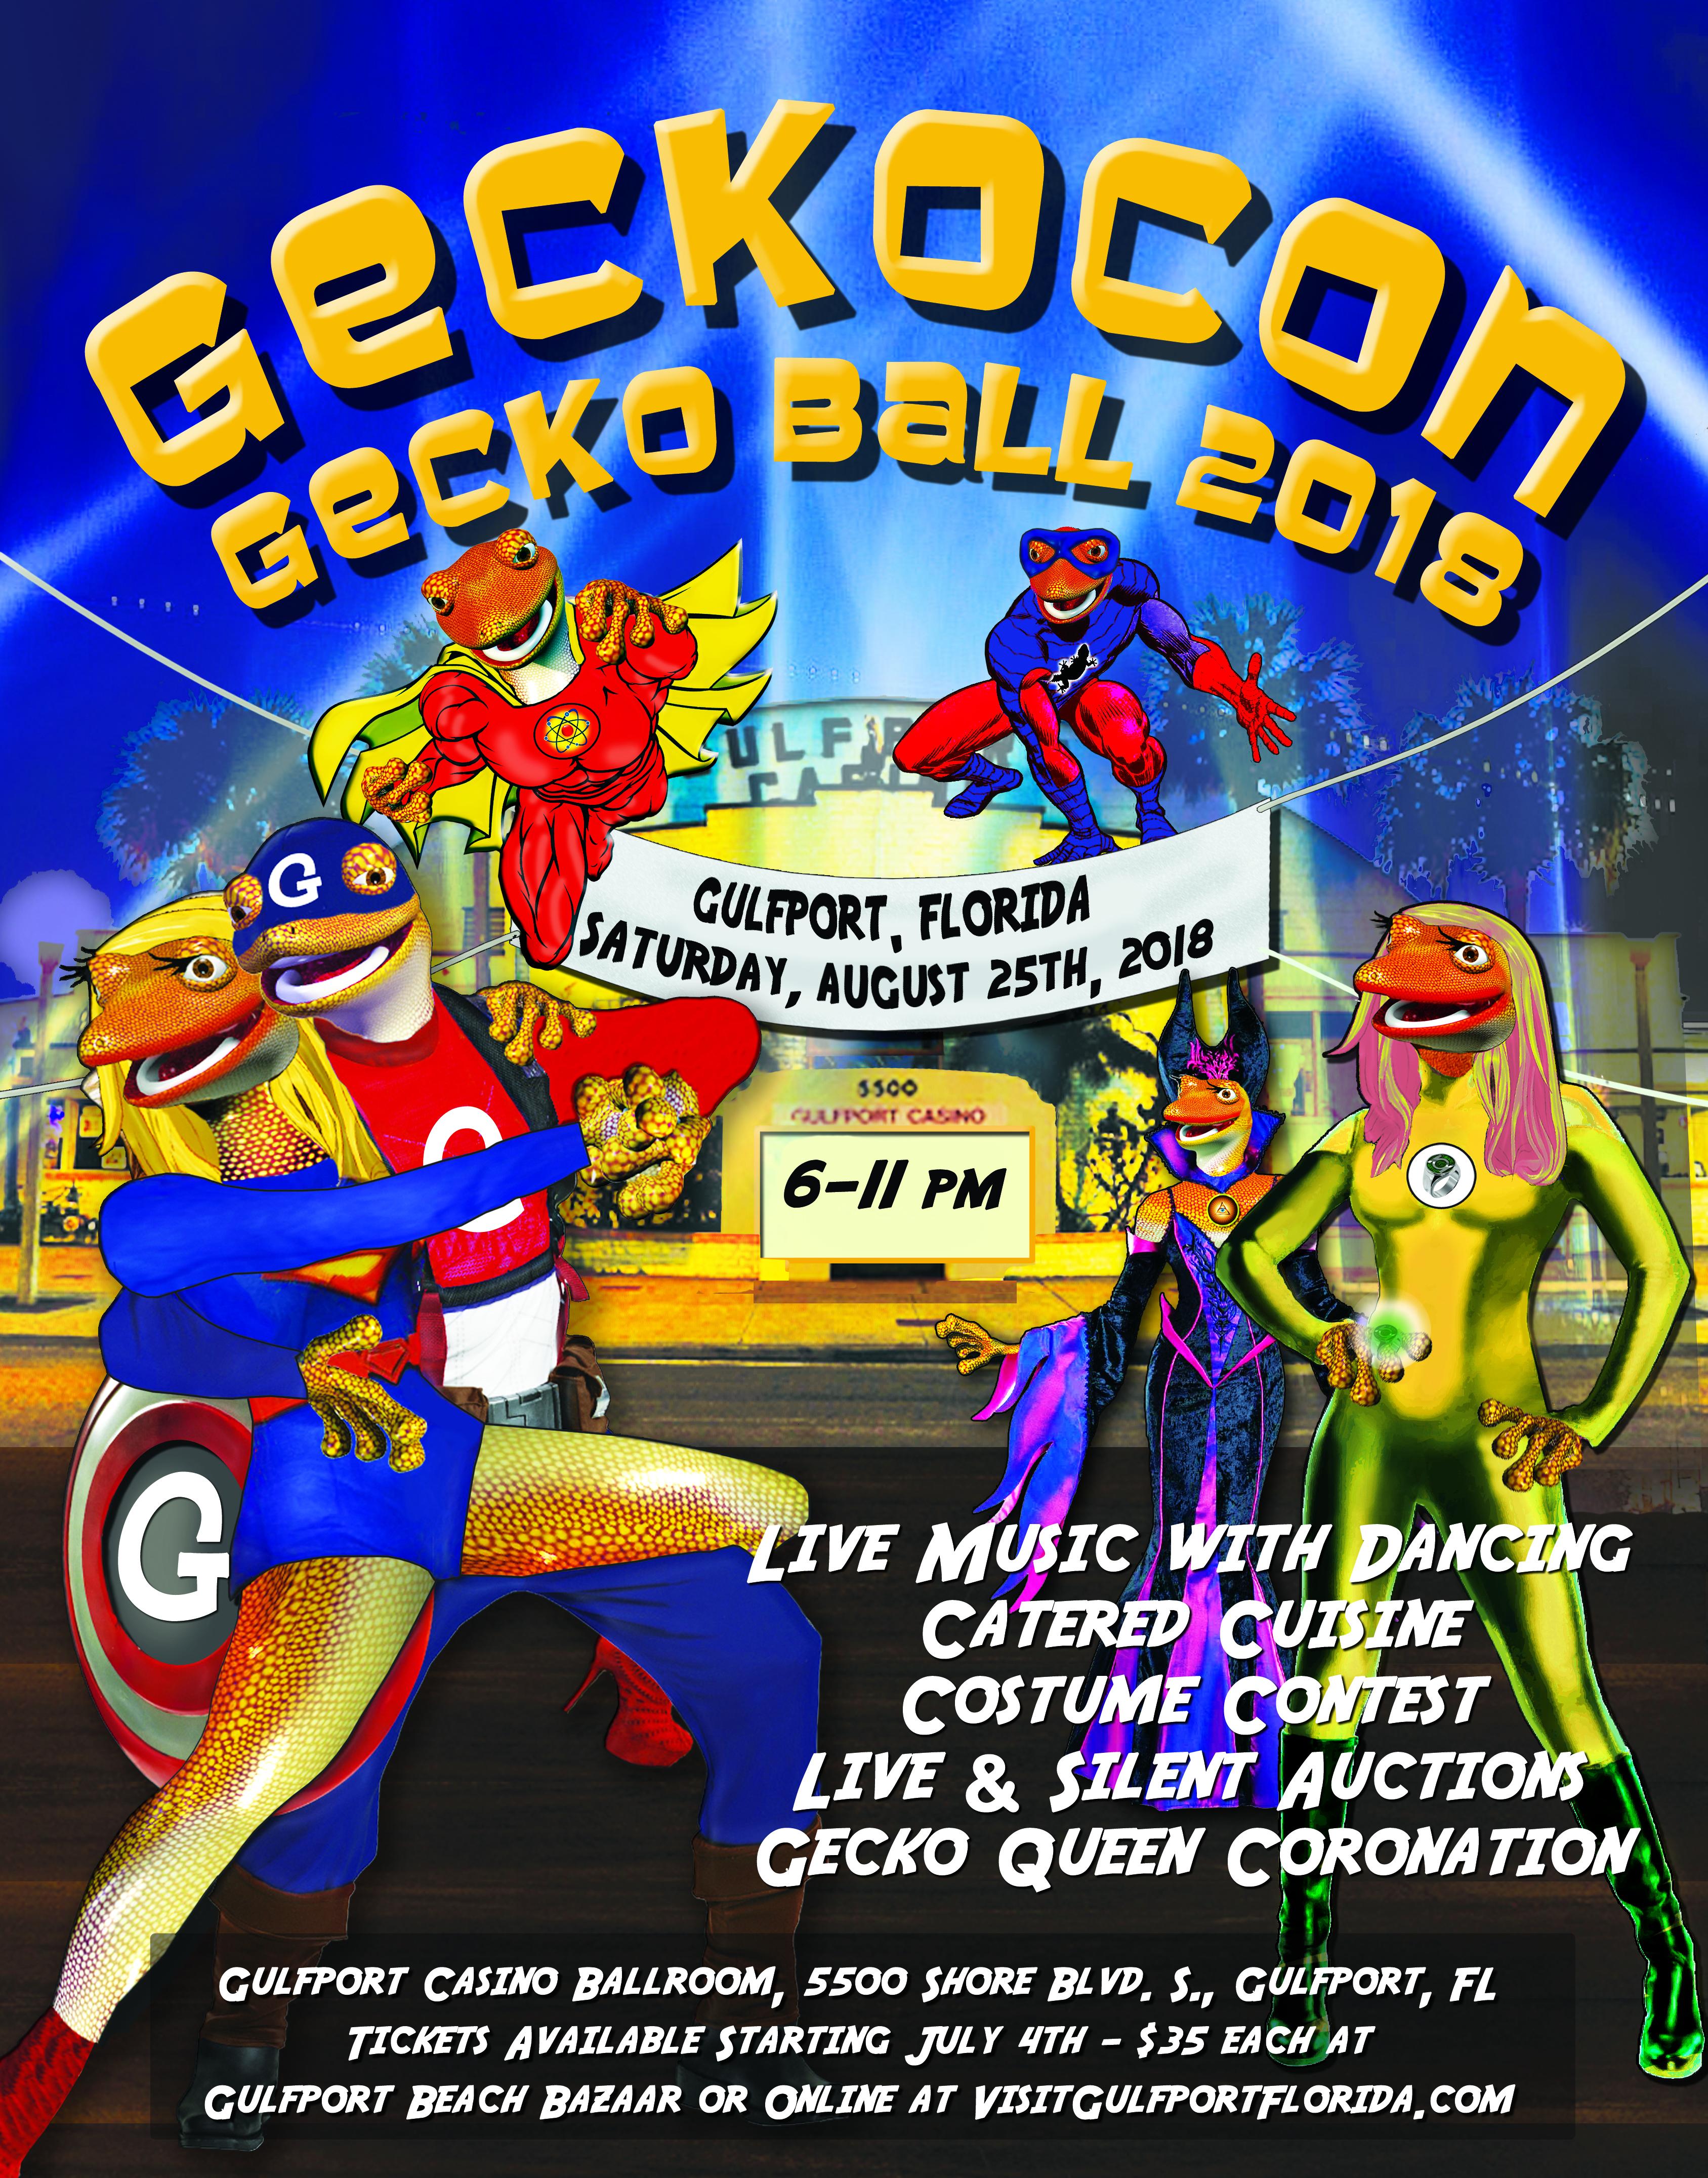 Gecko Ball 2018 poster